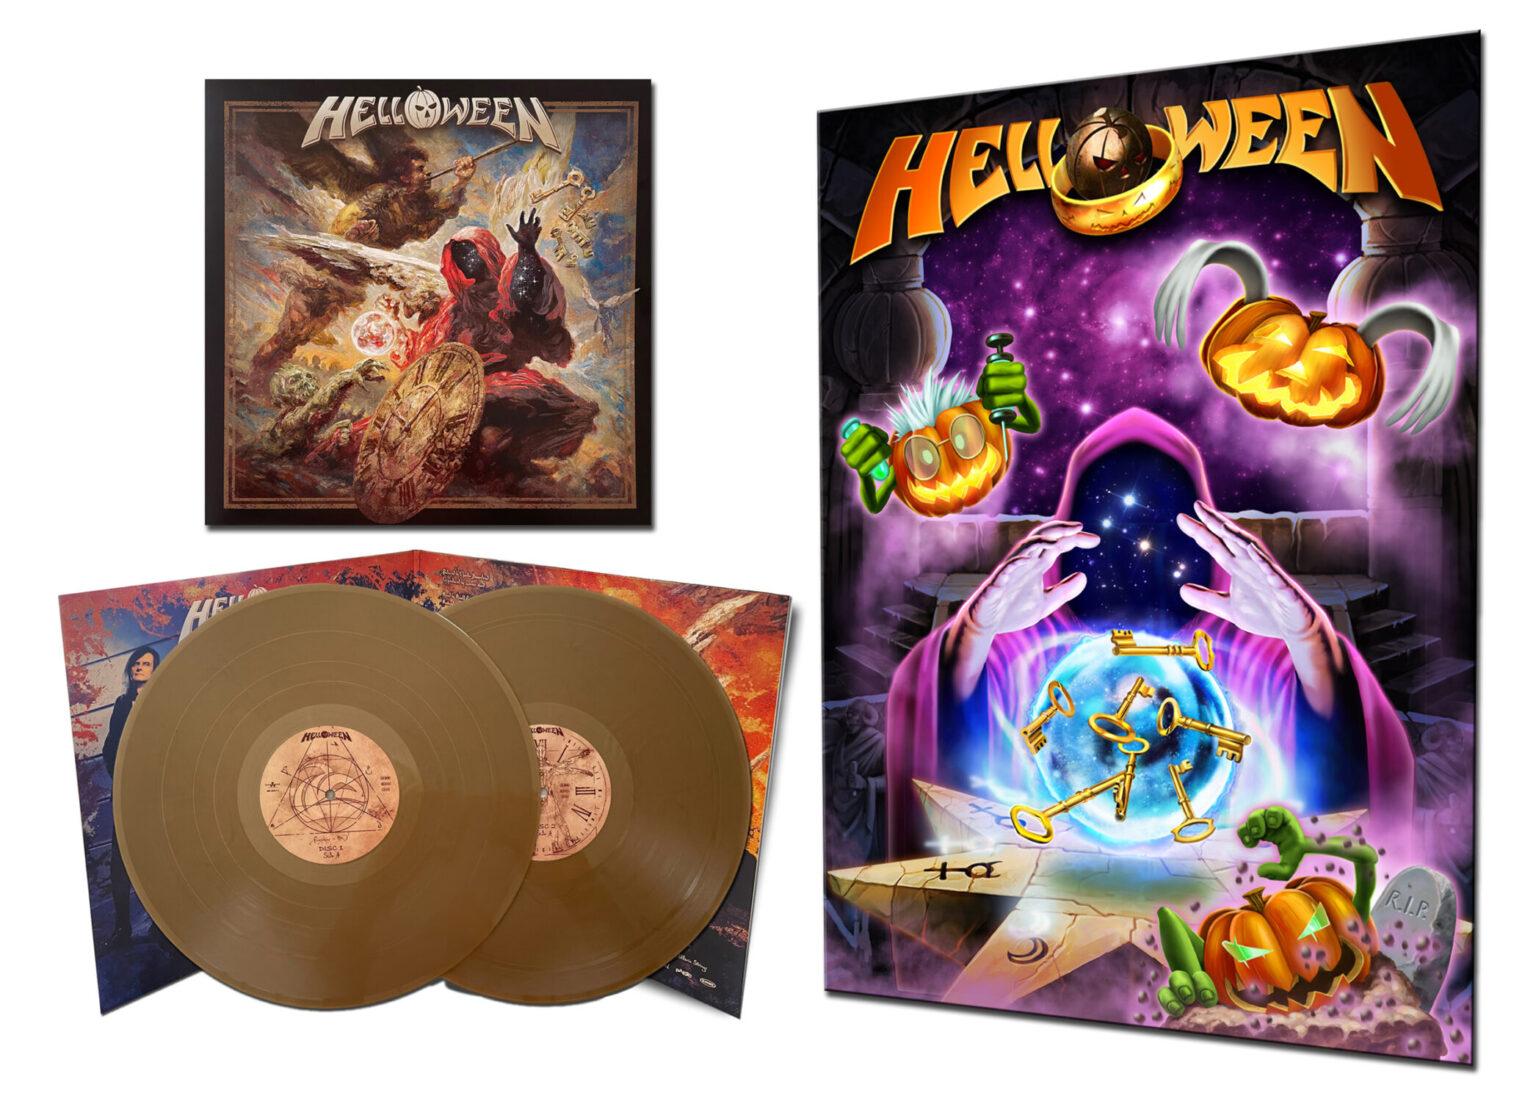 HELLOWEEN 'Helloween' 2021 album 2-LP on gold vinyl + exclusive bonus poster